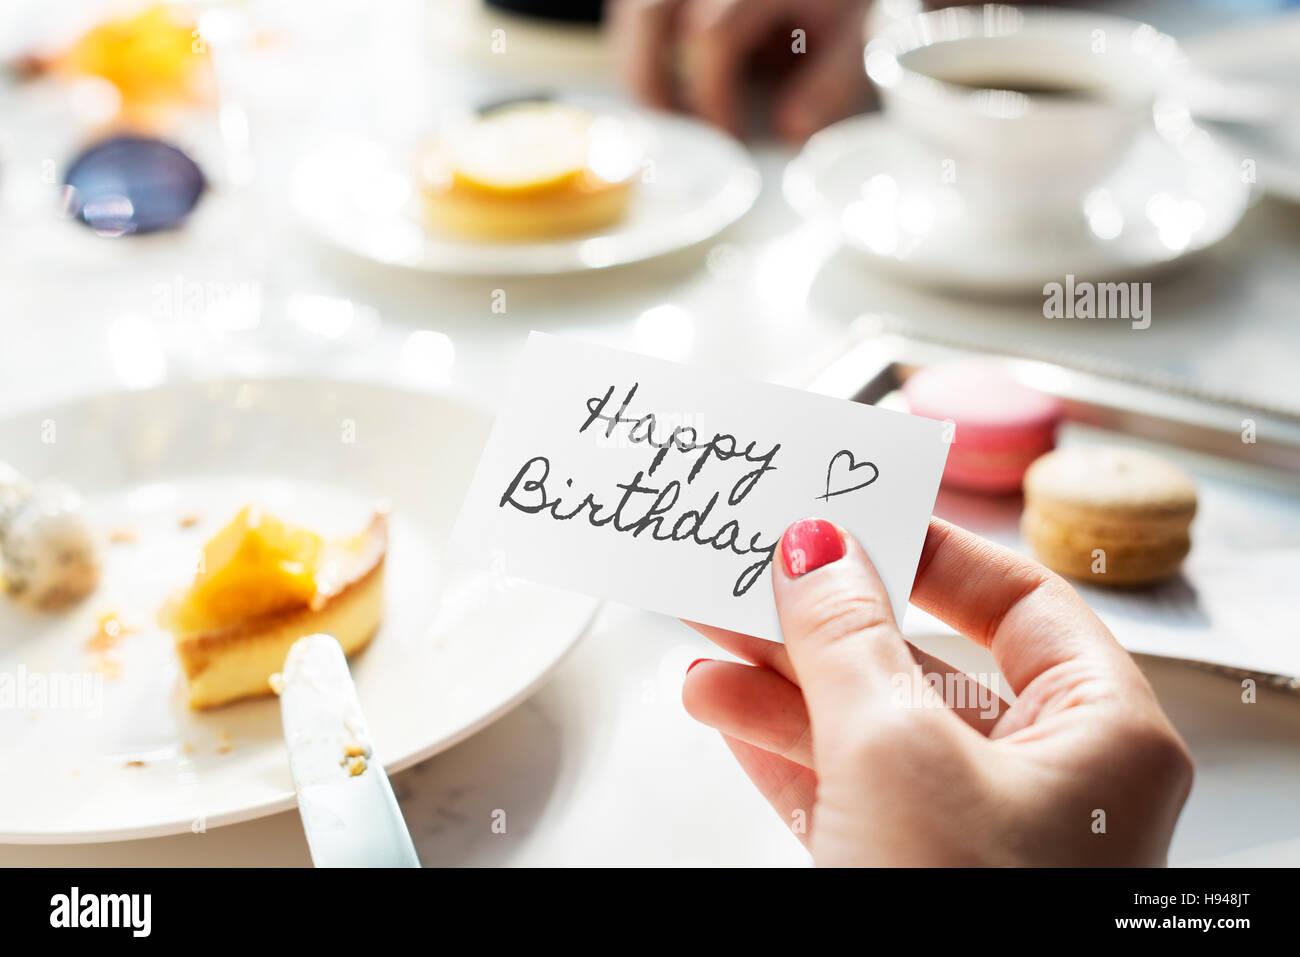 HBD felice Festa di compleanno di saluti il concetto di partito Immagini Stock